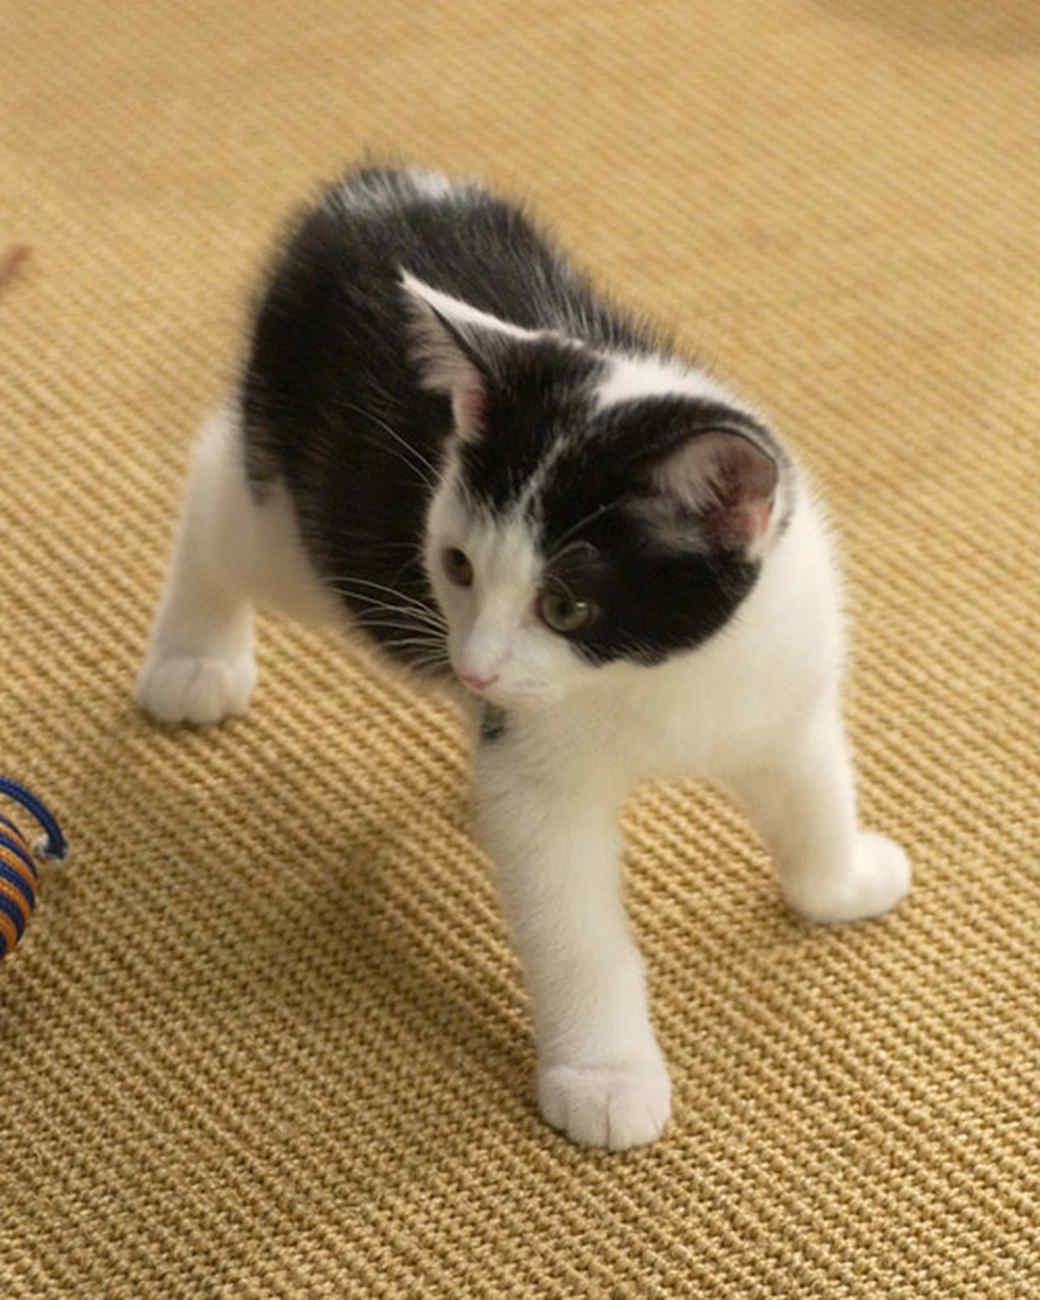 pe_cats_tvs9629_08.jpg